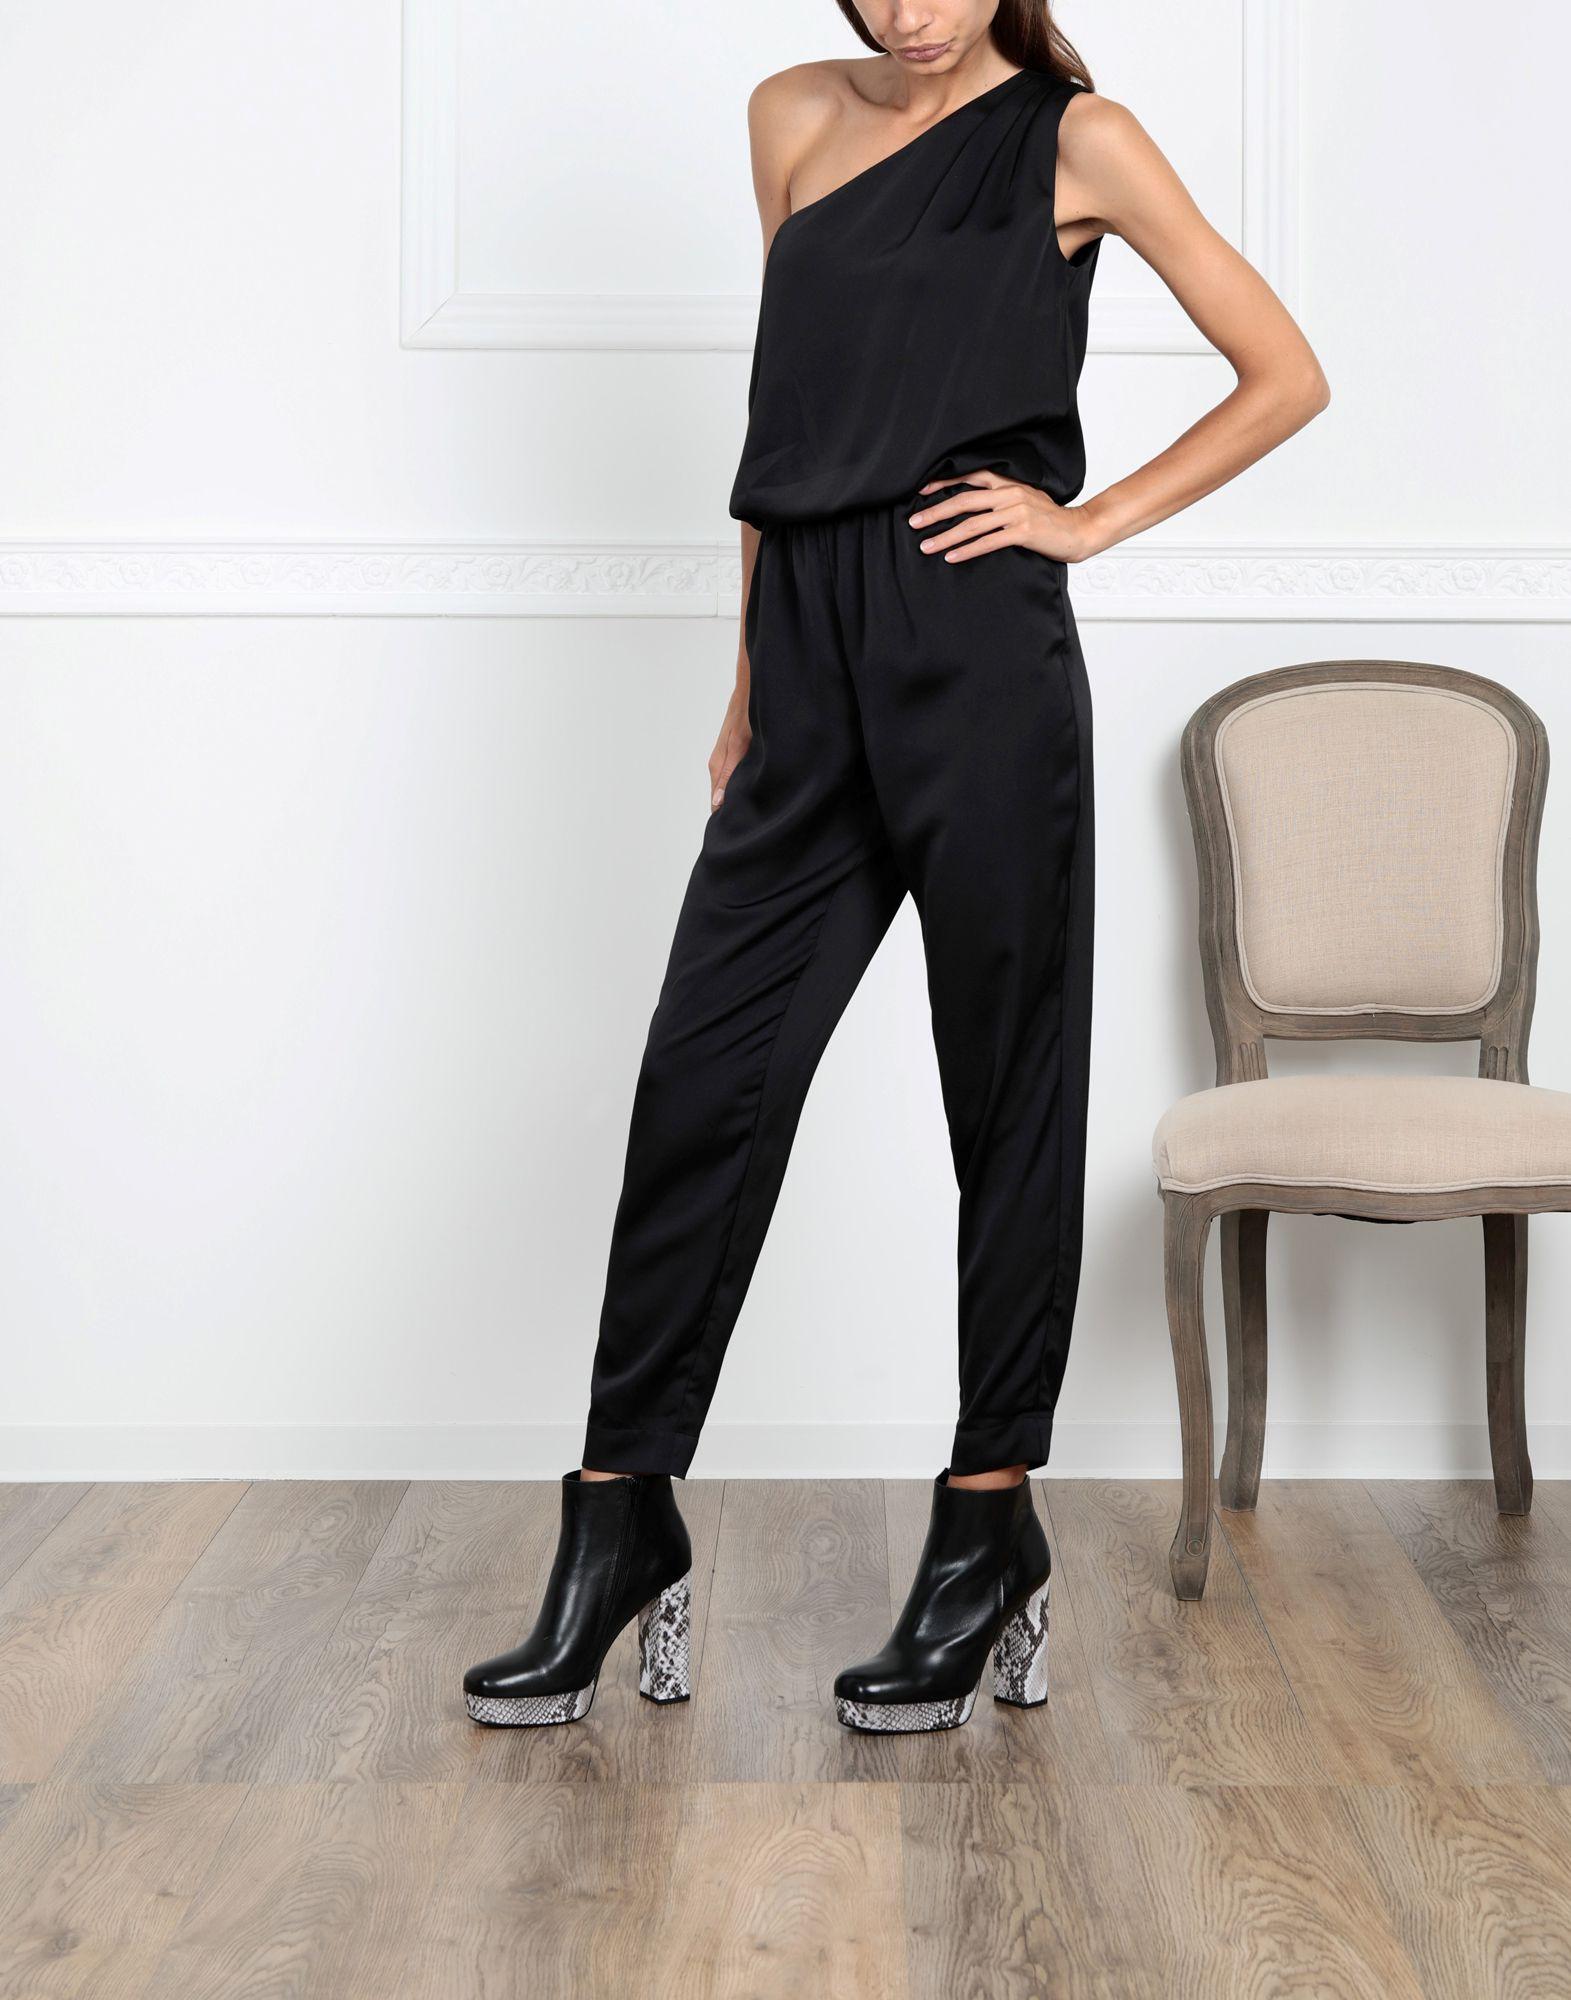 Jolie By Edward Spiers Stiefelette Damen Schuhe  11545003MPGut aussehende strapazierfähige Schuhe Damen 24abda